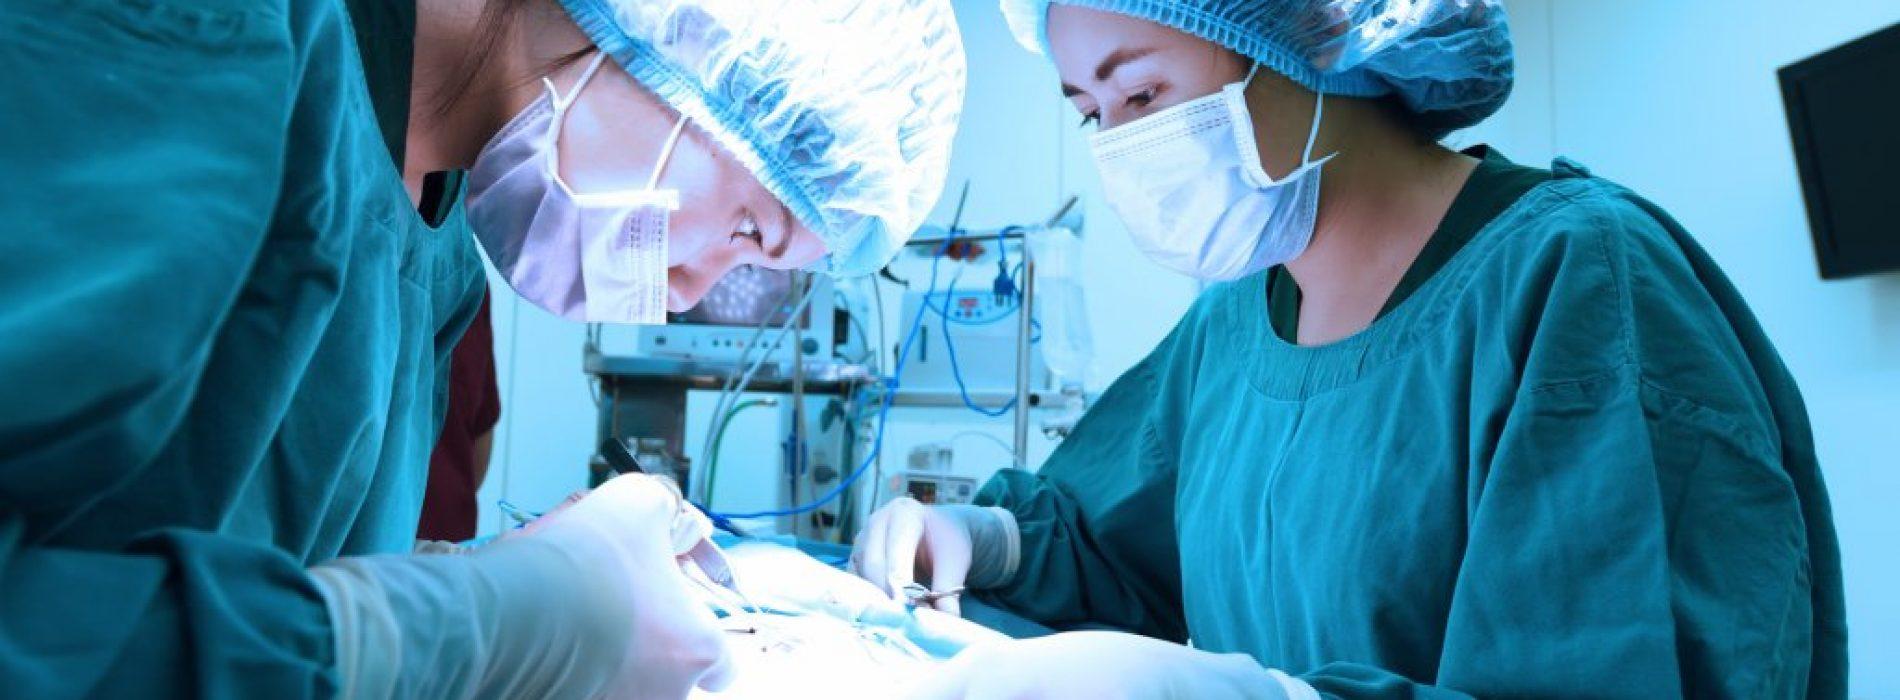 Hoe bereid je je voor op een operatie?